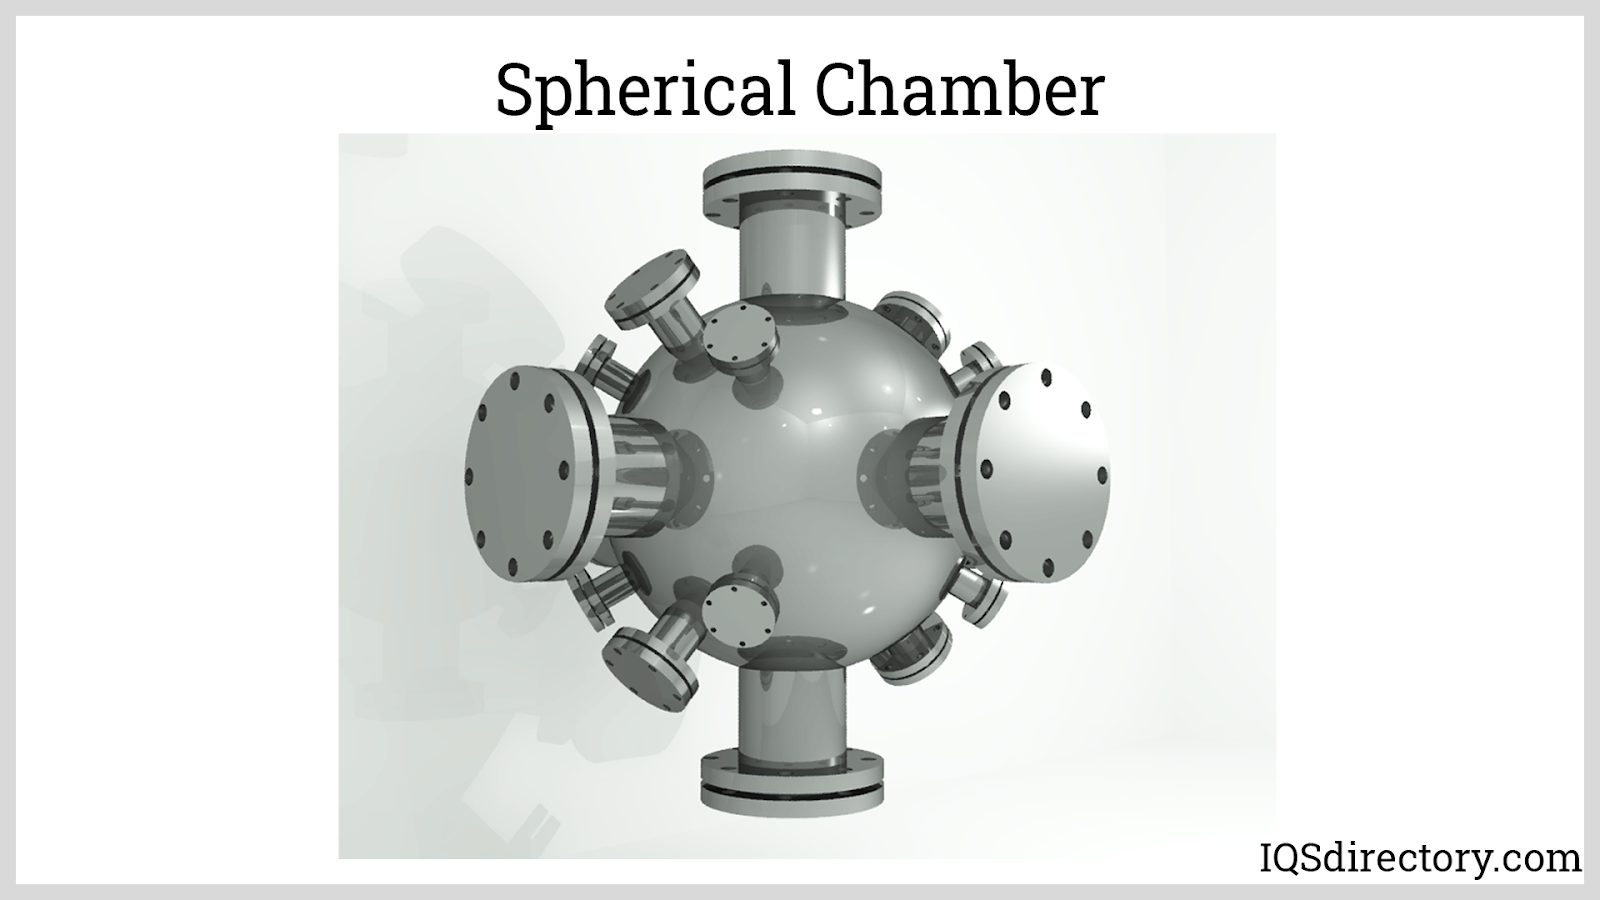 Spherical Chamber